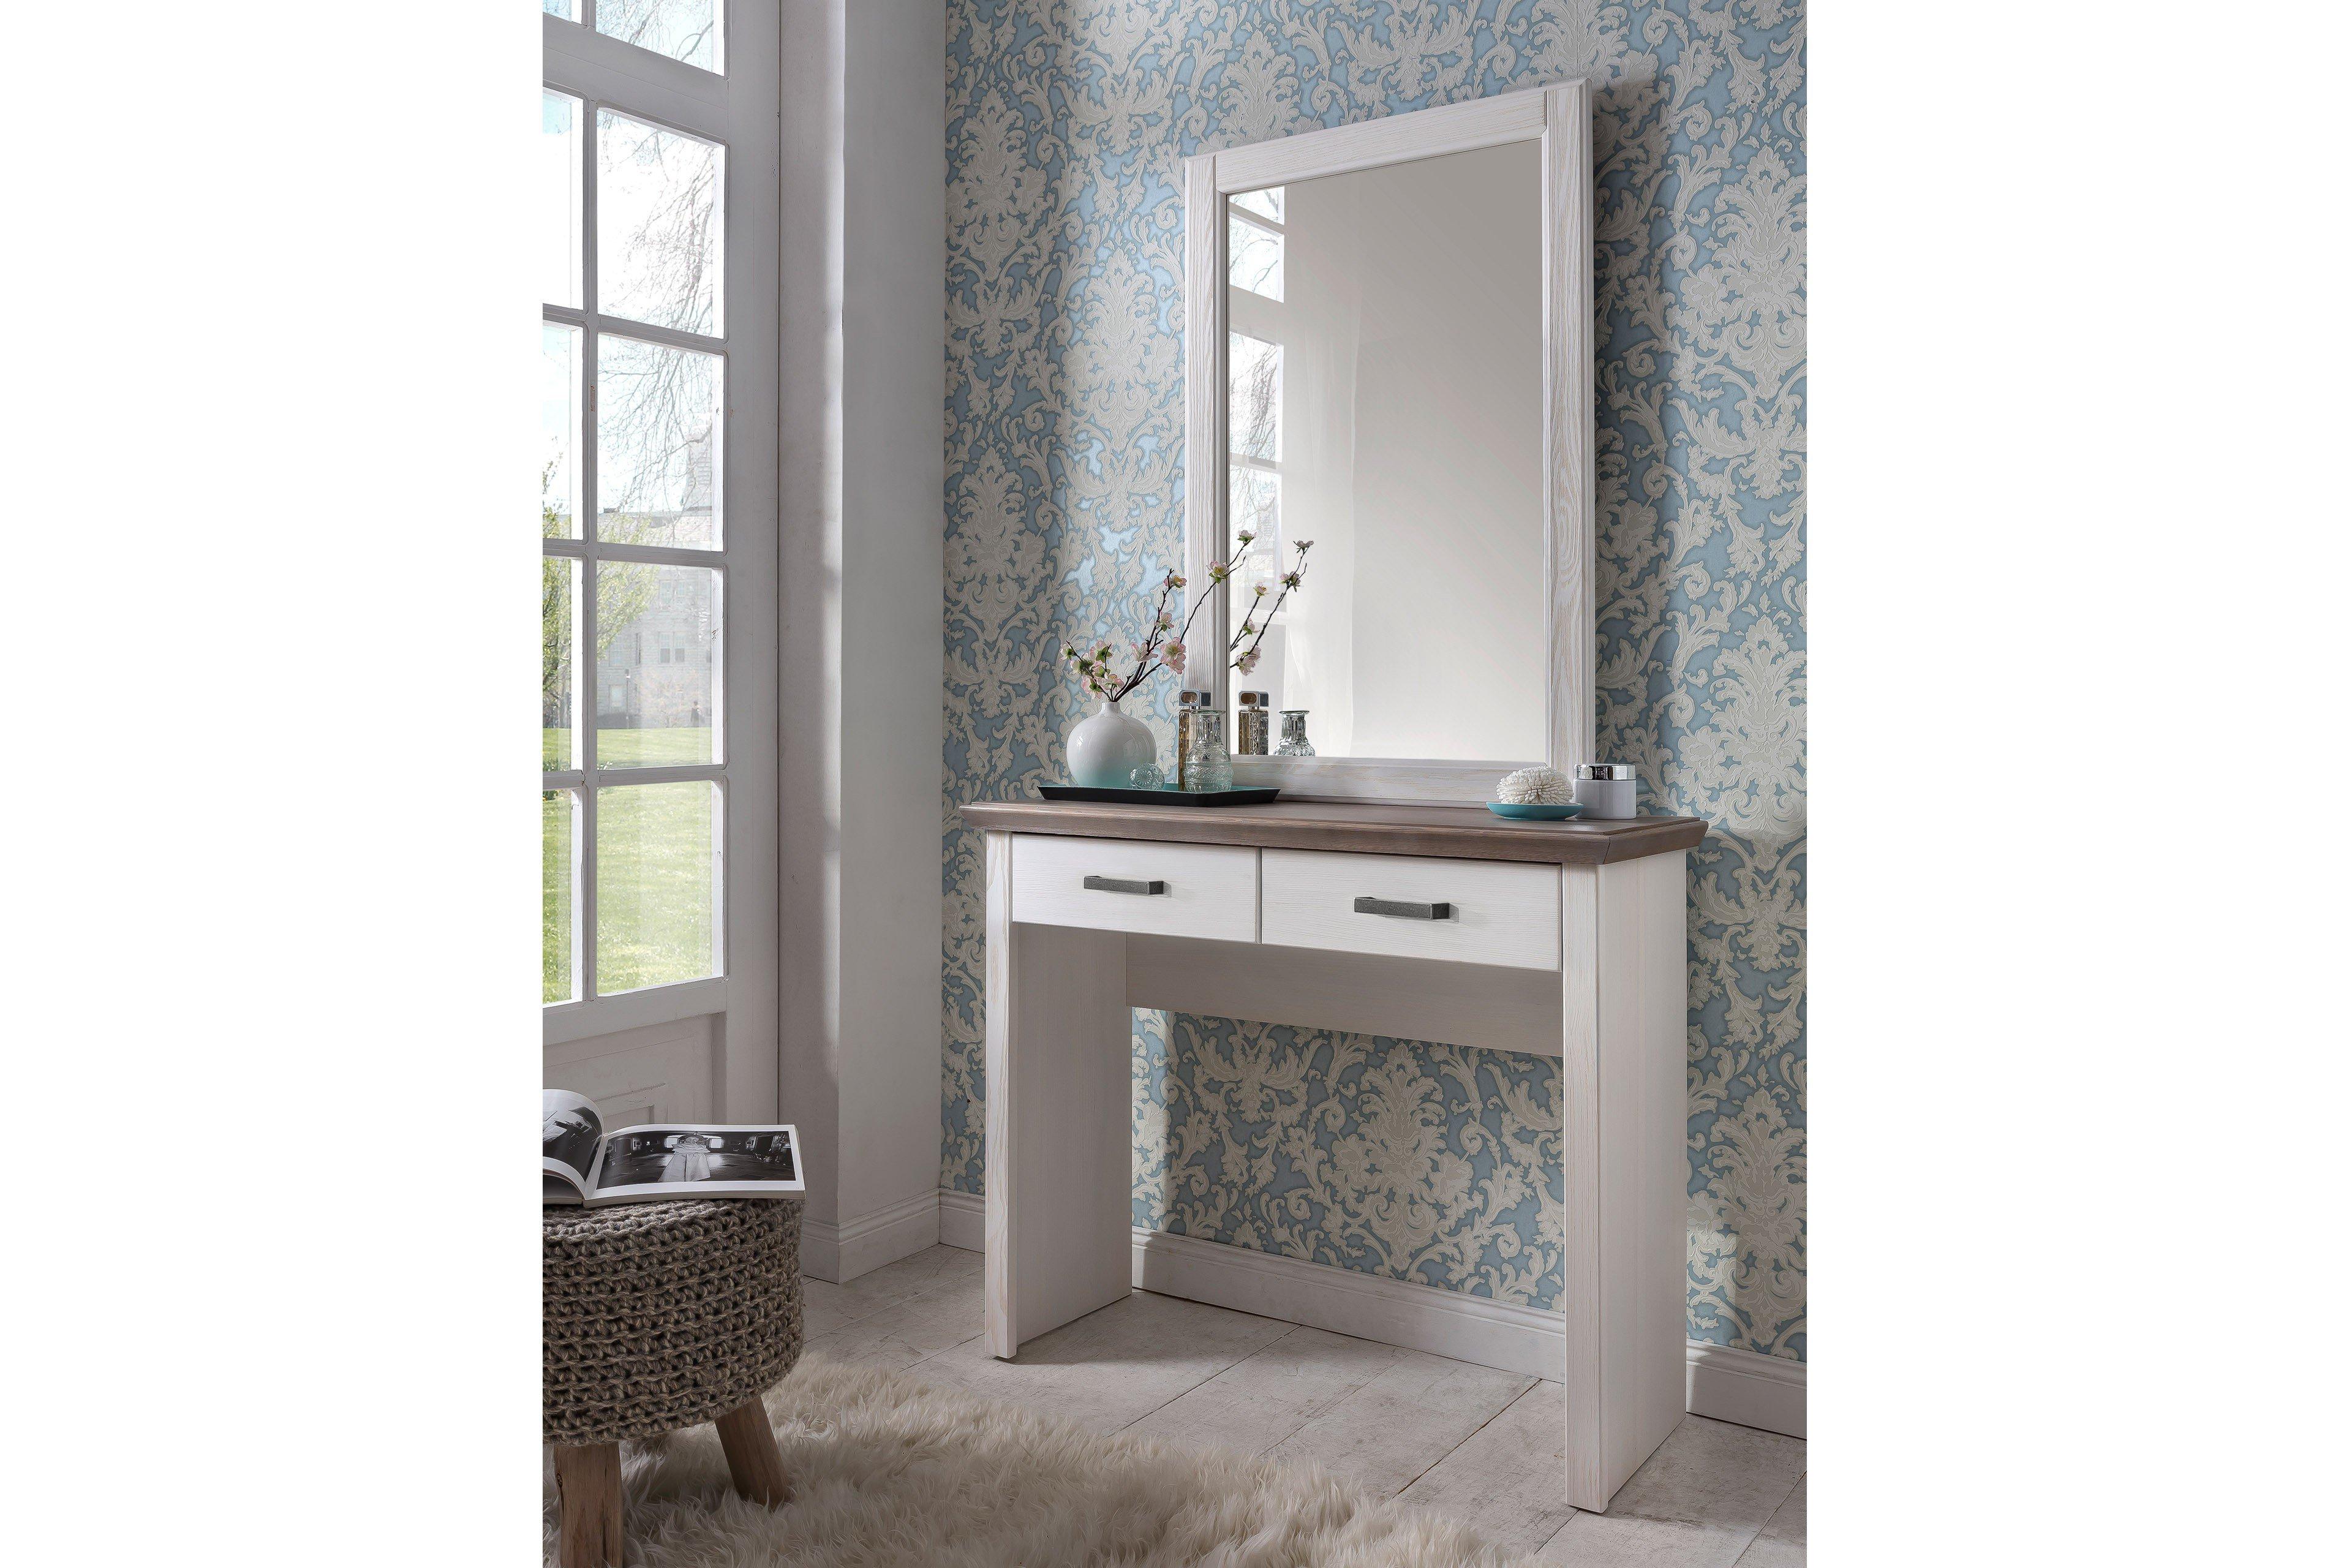 telmex schminktisch lugano pinie wei m bel letz ihr online shop. Black Bedroom Furniture Sets. Home Design Ideas